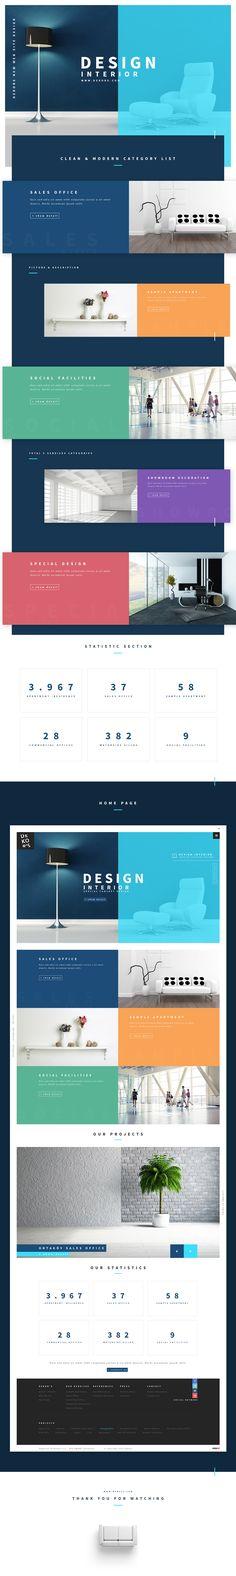 We created a new website design for Decor's.com